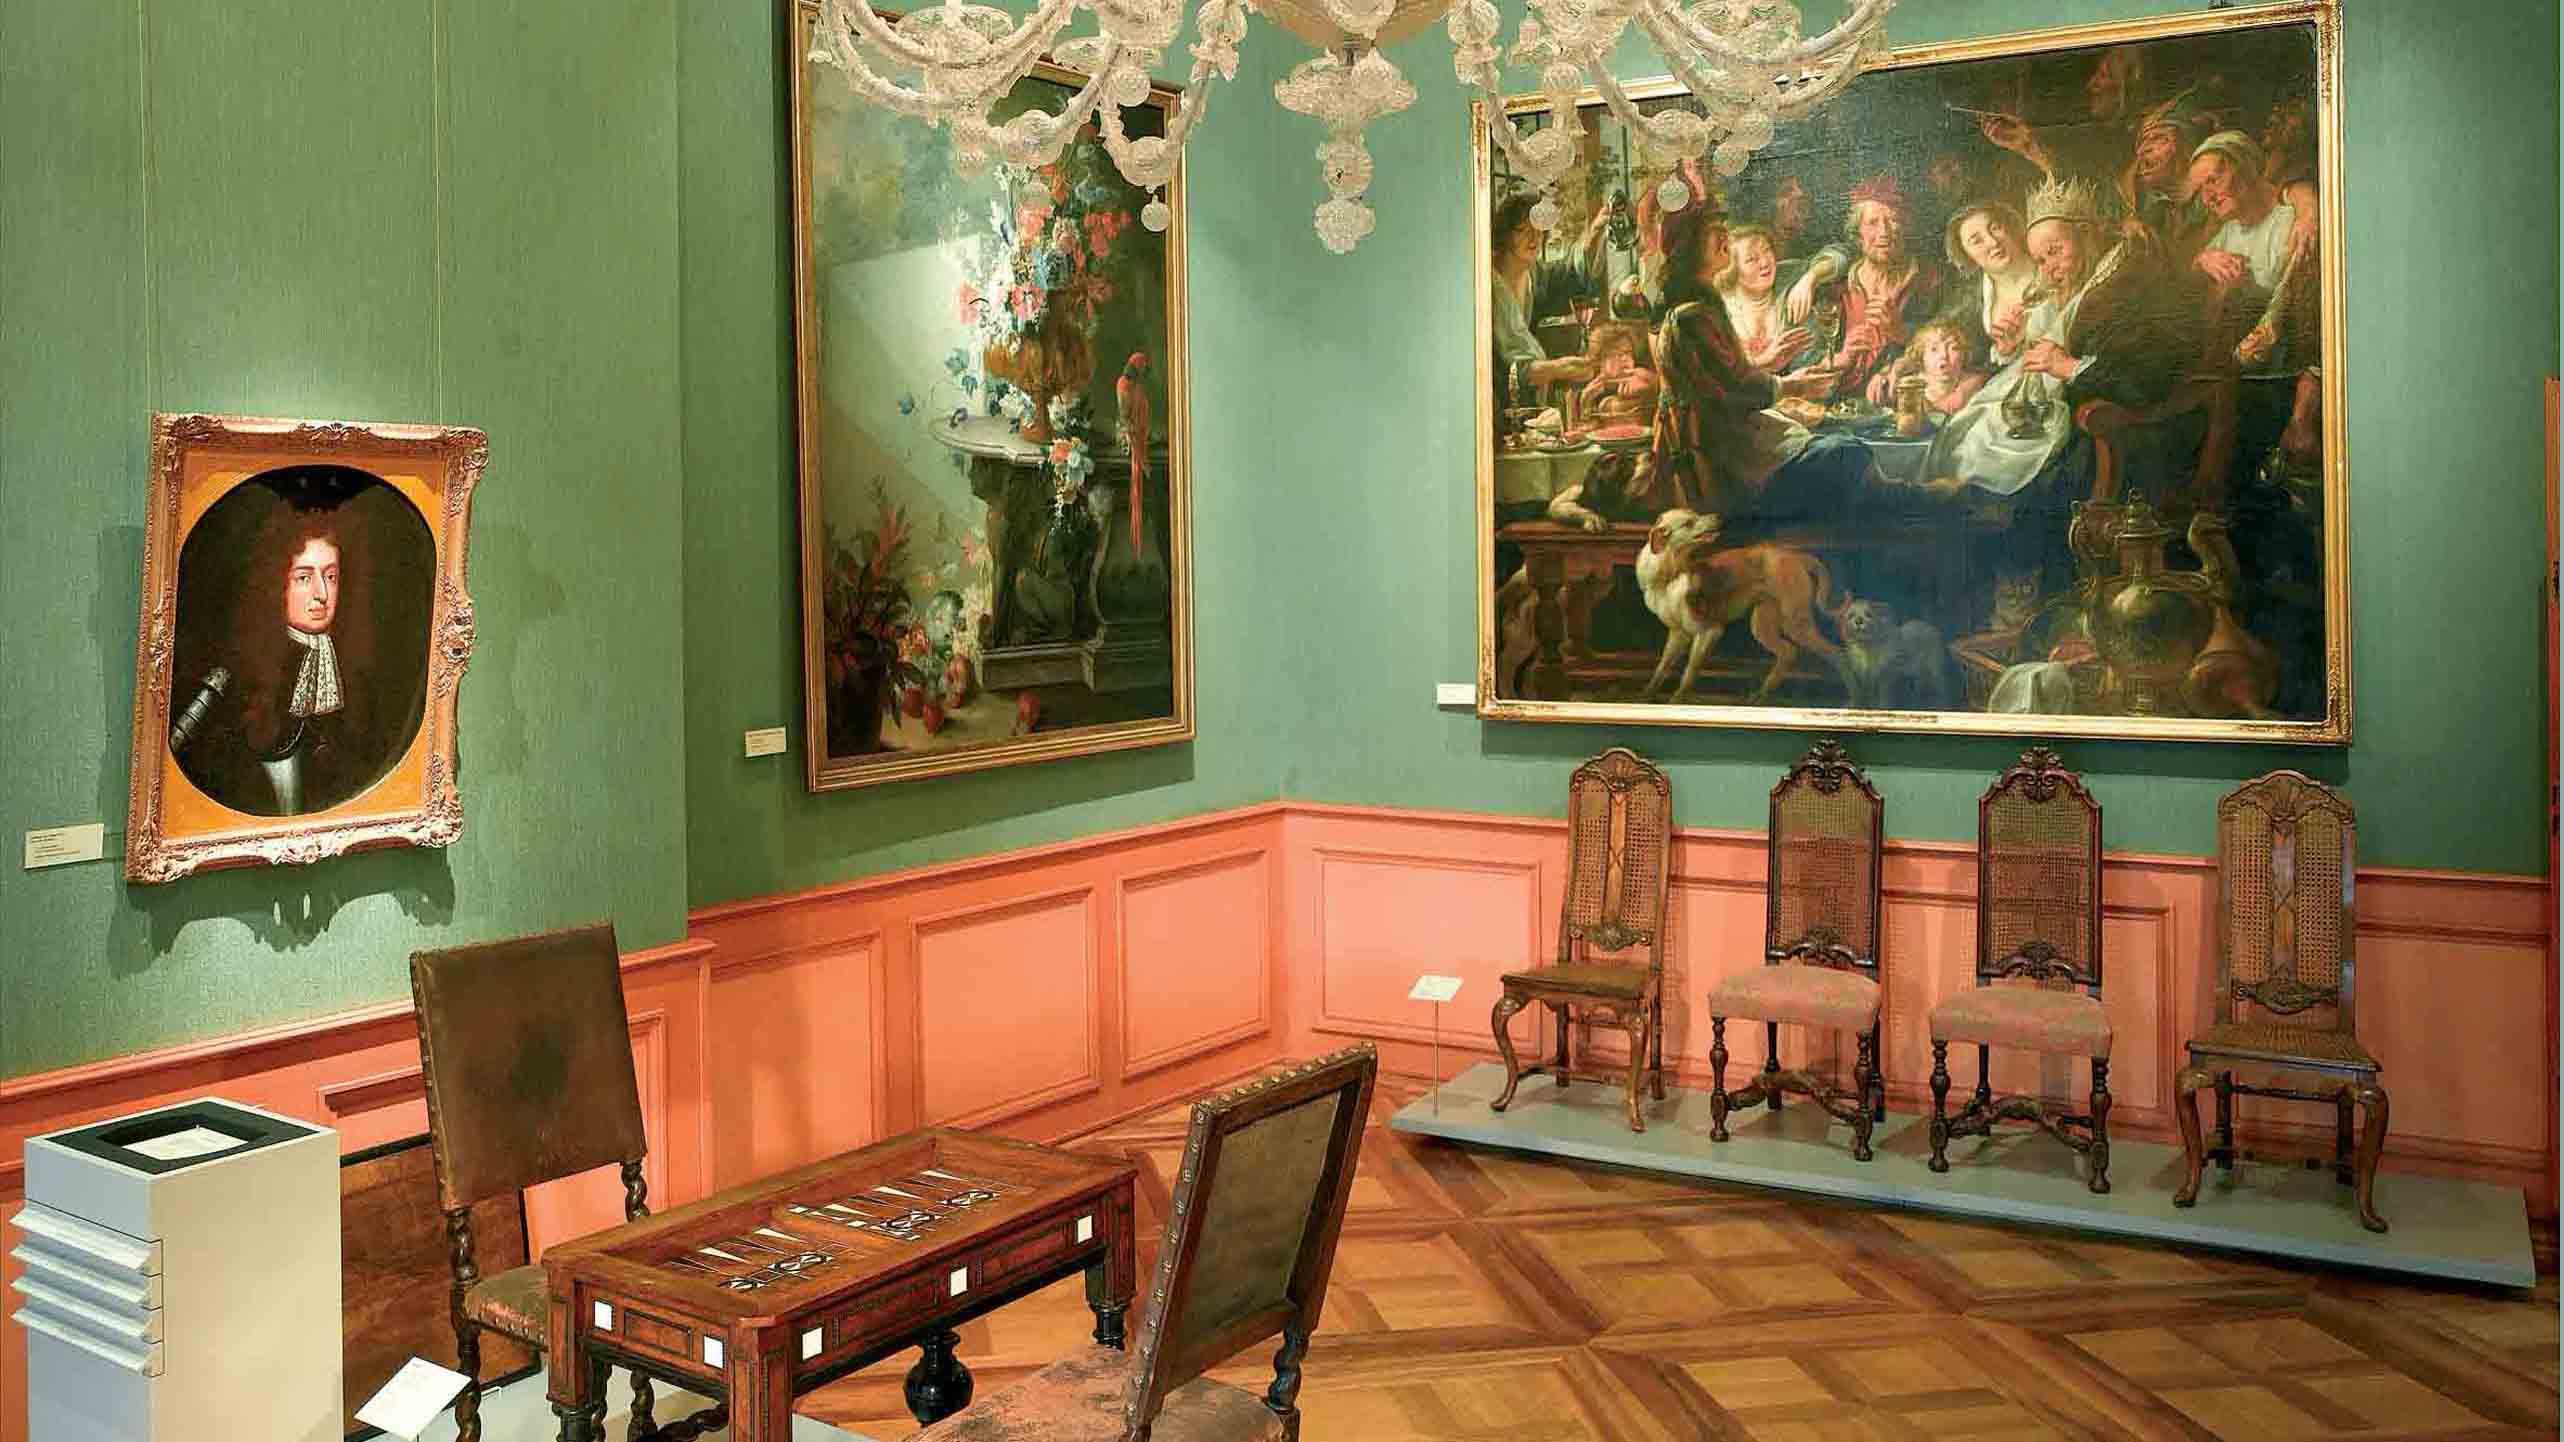 celle-schloss-residenzsmuseum-staatsgem-cher